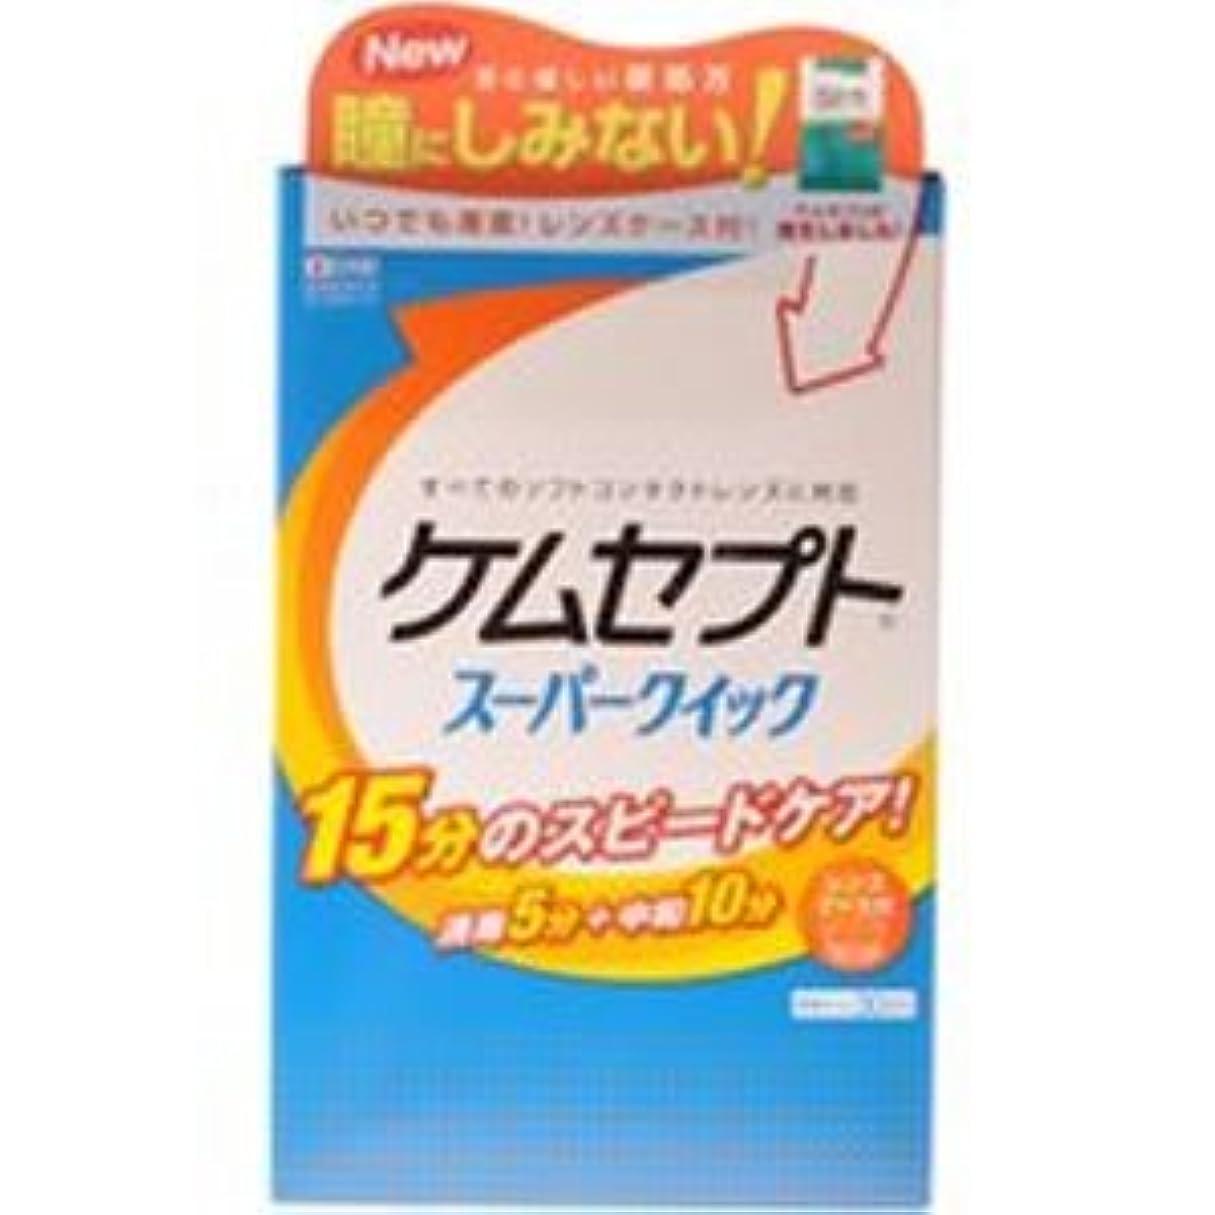 針ファンブル生産性オフテクス ケムセプト スーパークィック 標準セット30日分(医薬部外品)